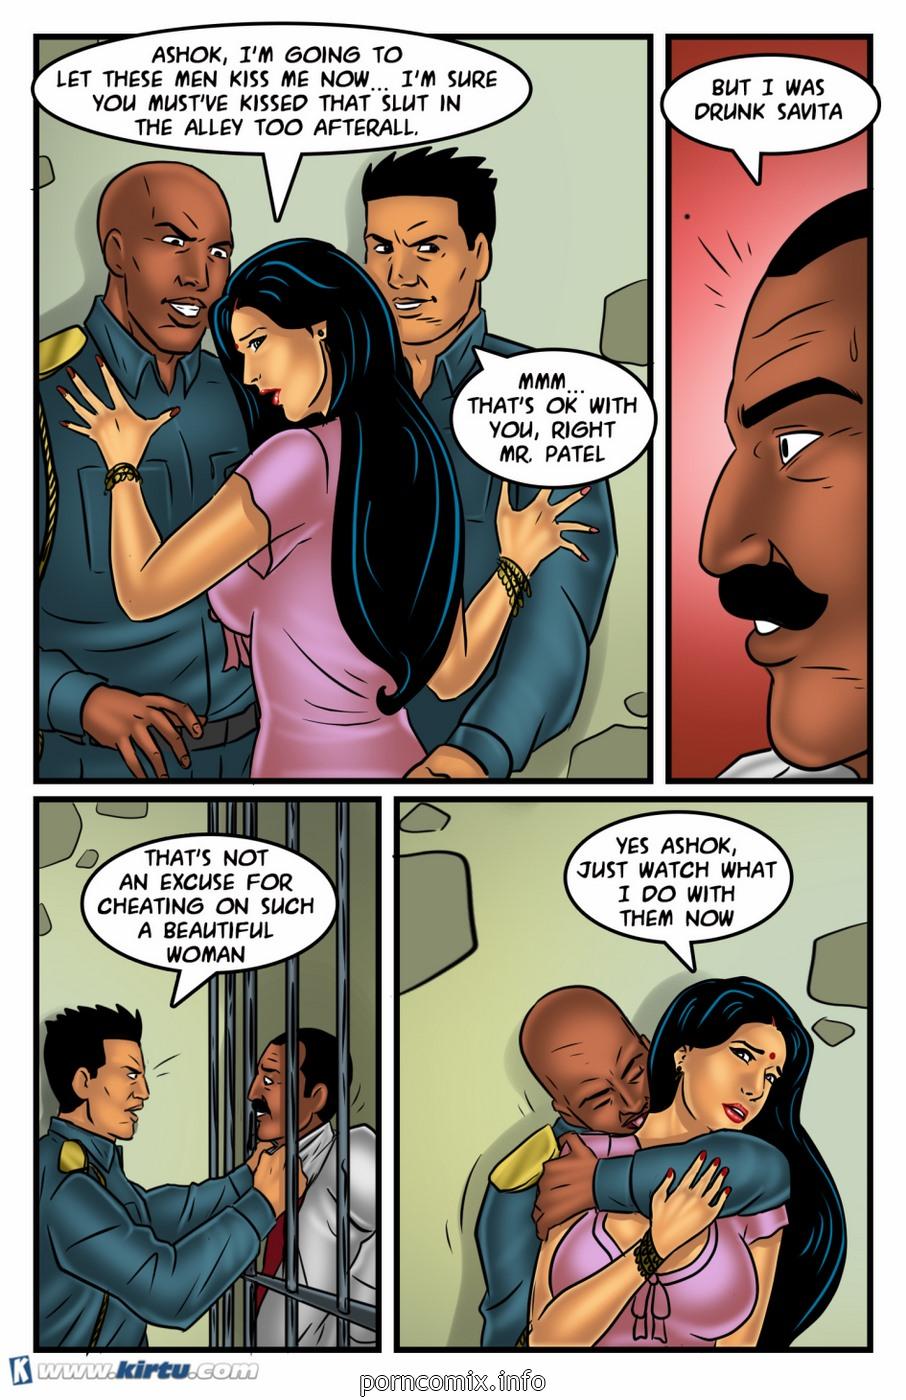 Savita Bhabhi 58- A Wife Sacrifice